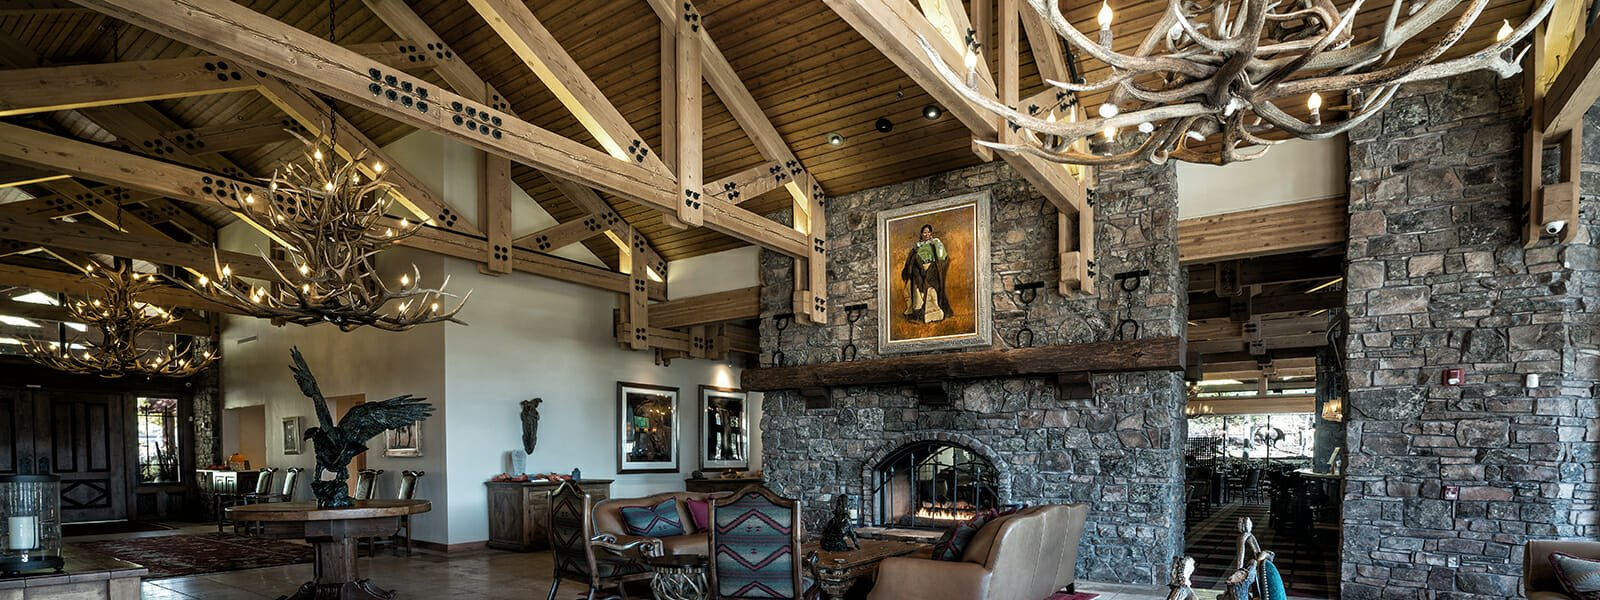 Mountain Golf Club Community in Durango Colorado | Glacier Club